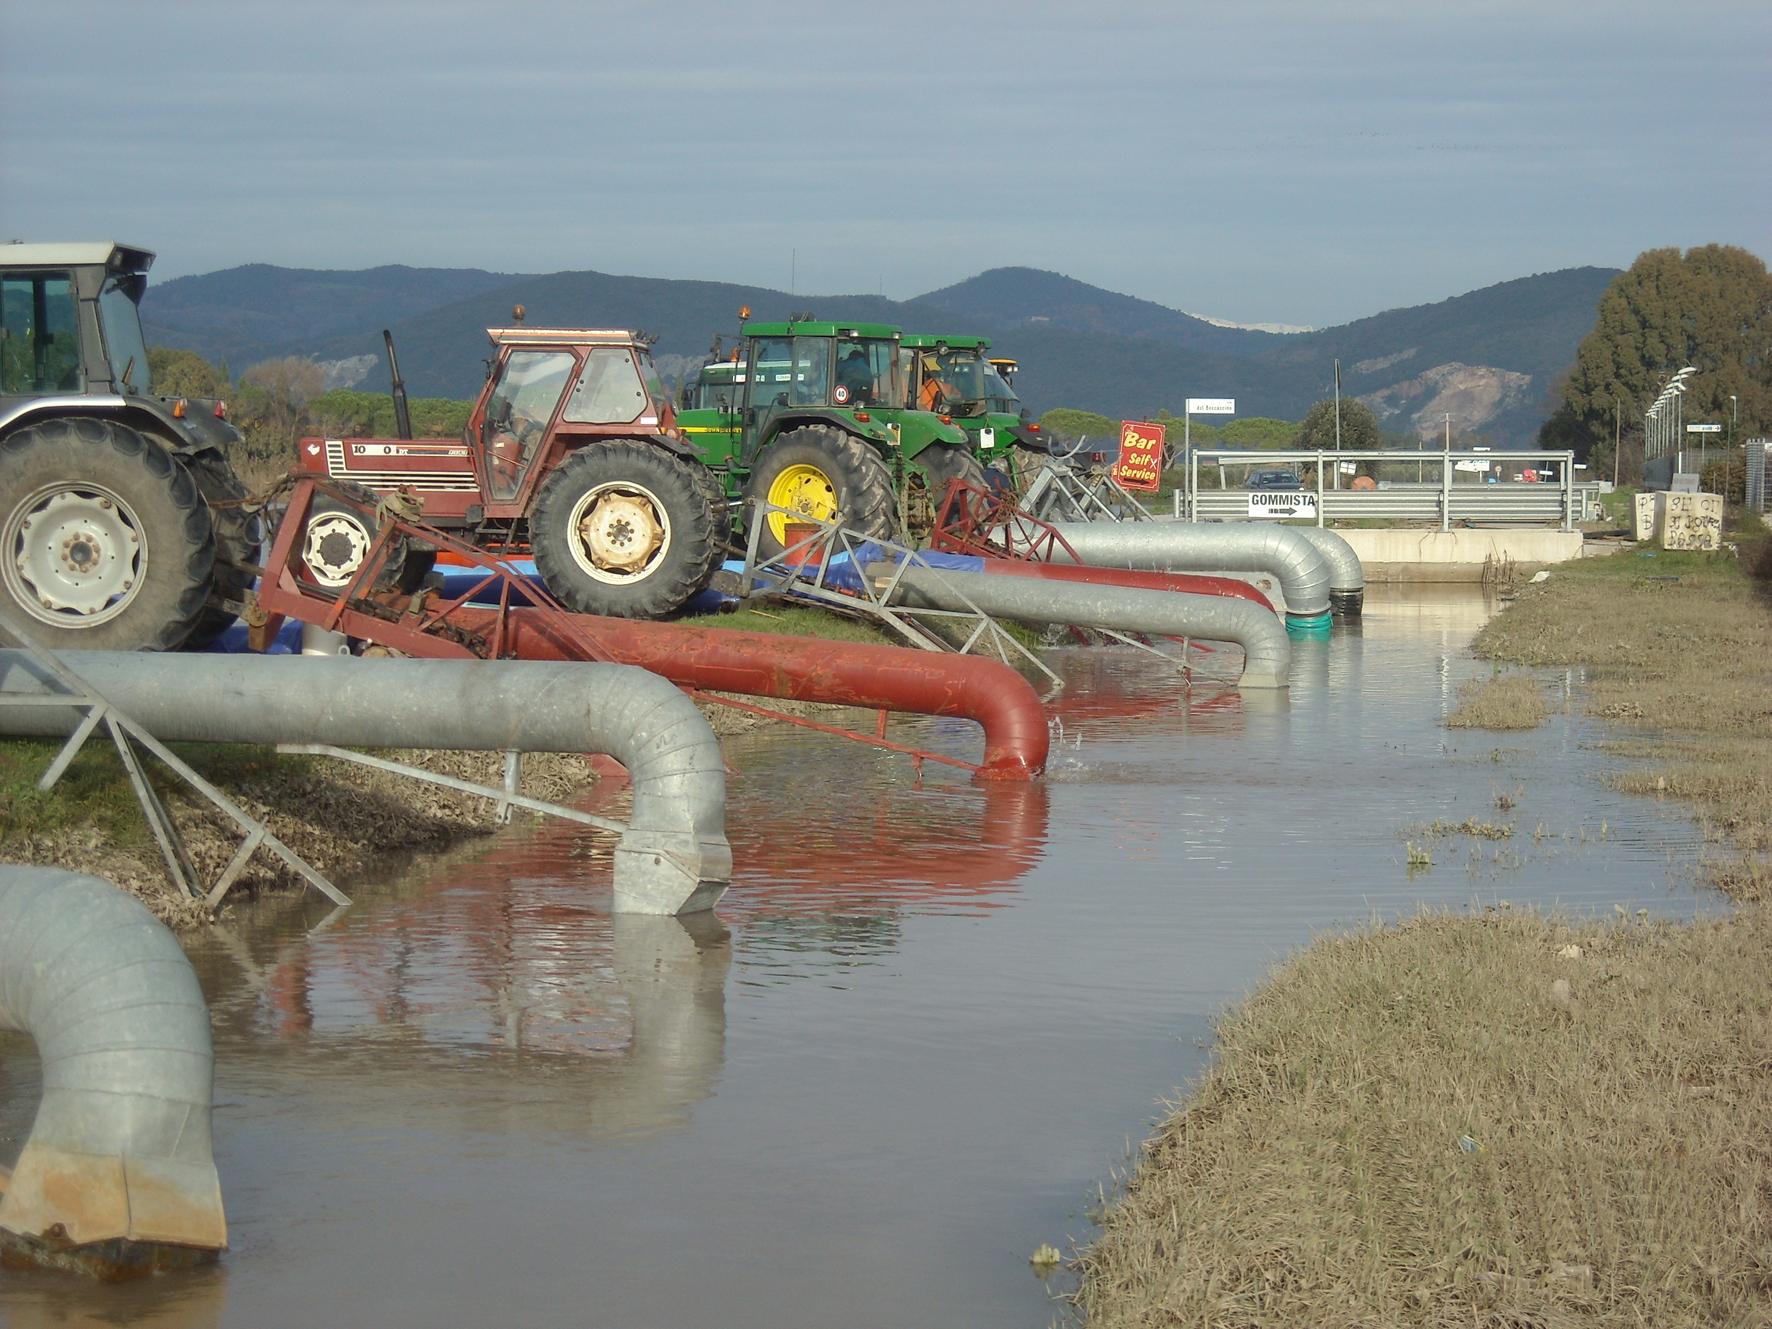 Il Consorzio di Bonifica dell'Oristanese ricerca: 1 Conducente di autocarro, 4 Idrovoristi, 3 Conducenti di escavatrice meccanica, 3 Addetto agli impianti di distribuzione dell'acqua